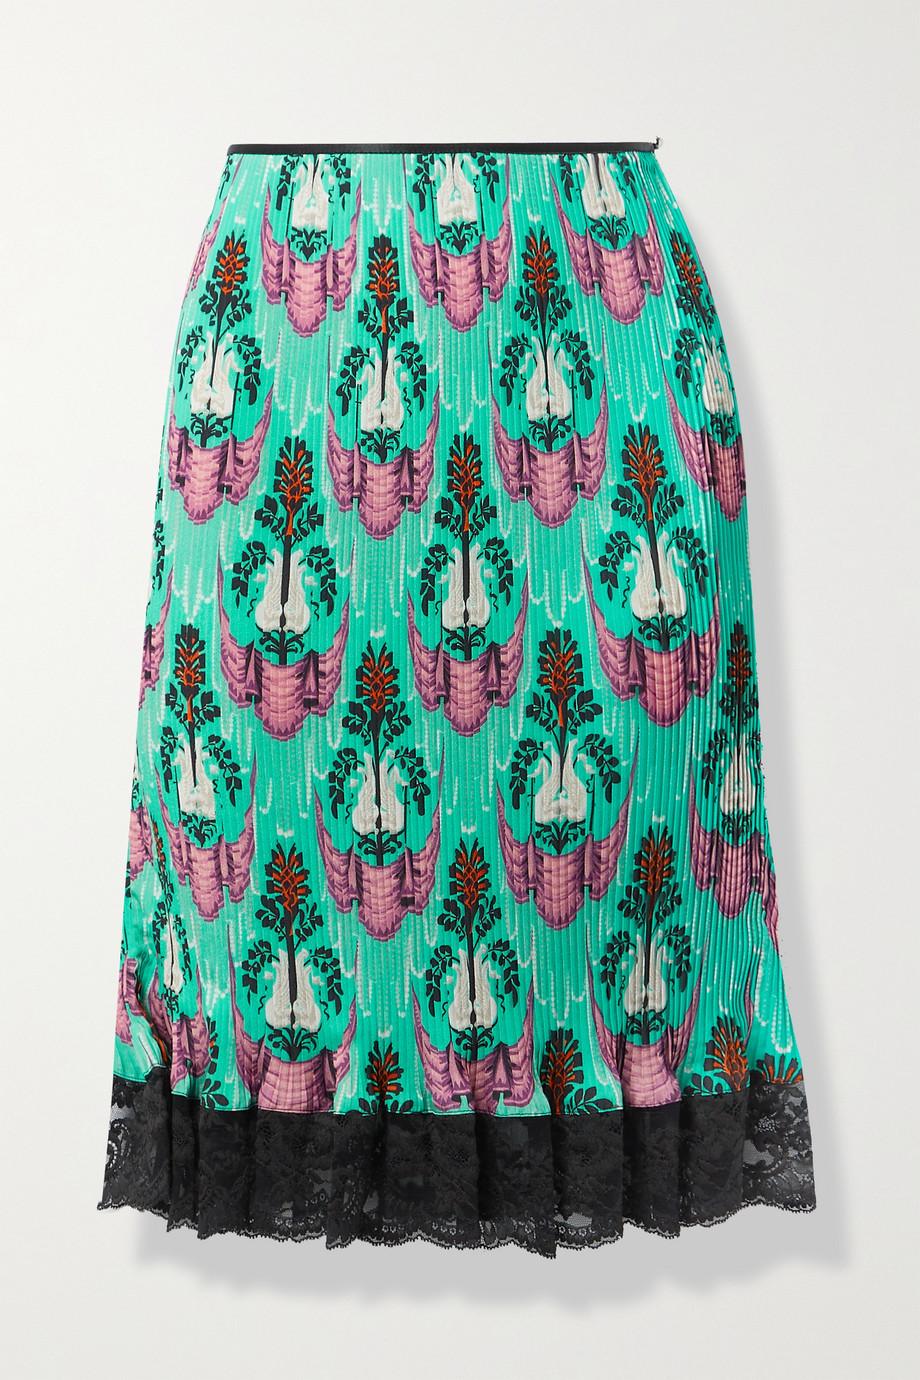 Paco Rabanne Lace-trimmed printed plissé-crepe de chine skirt